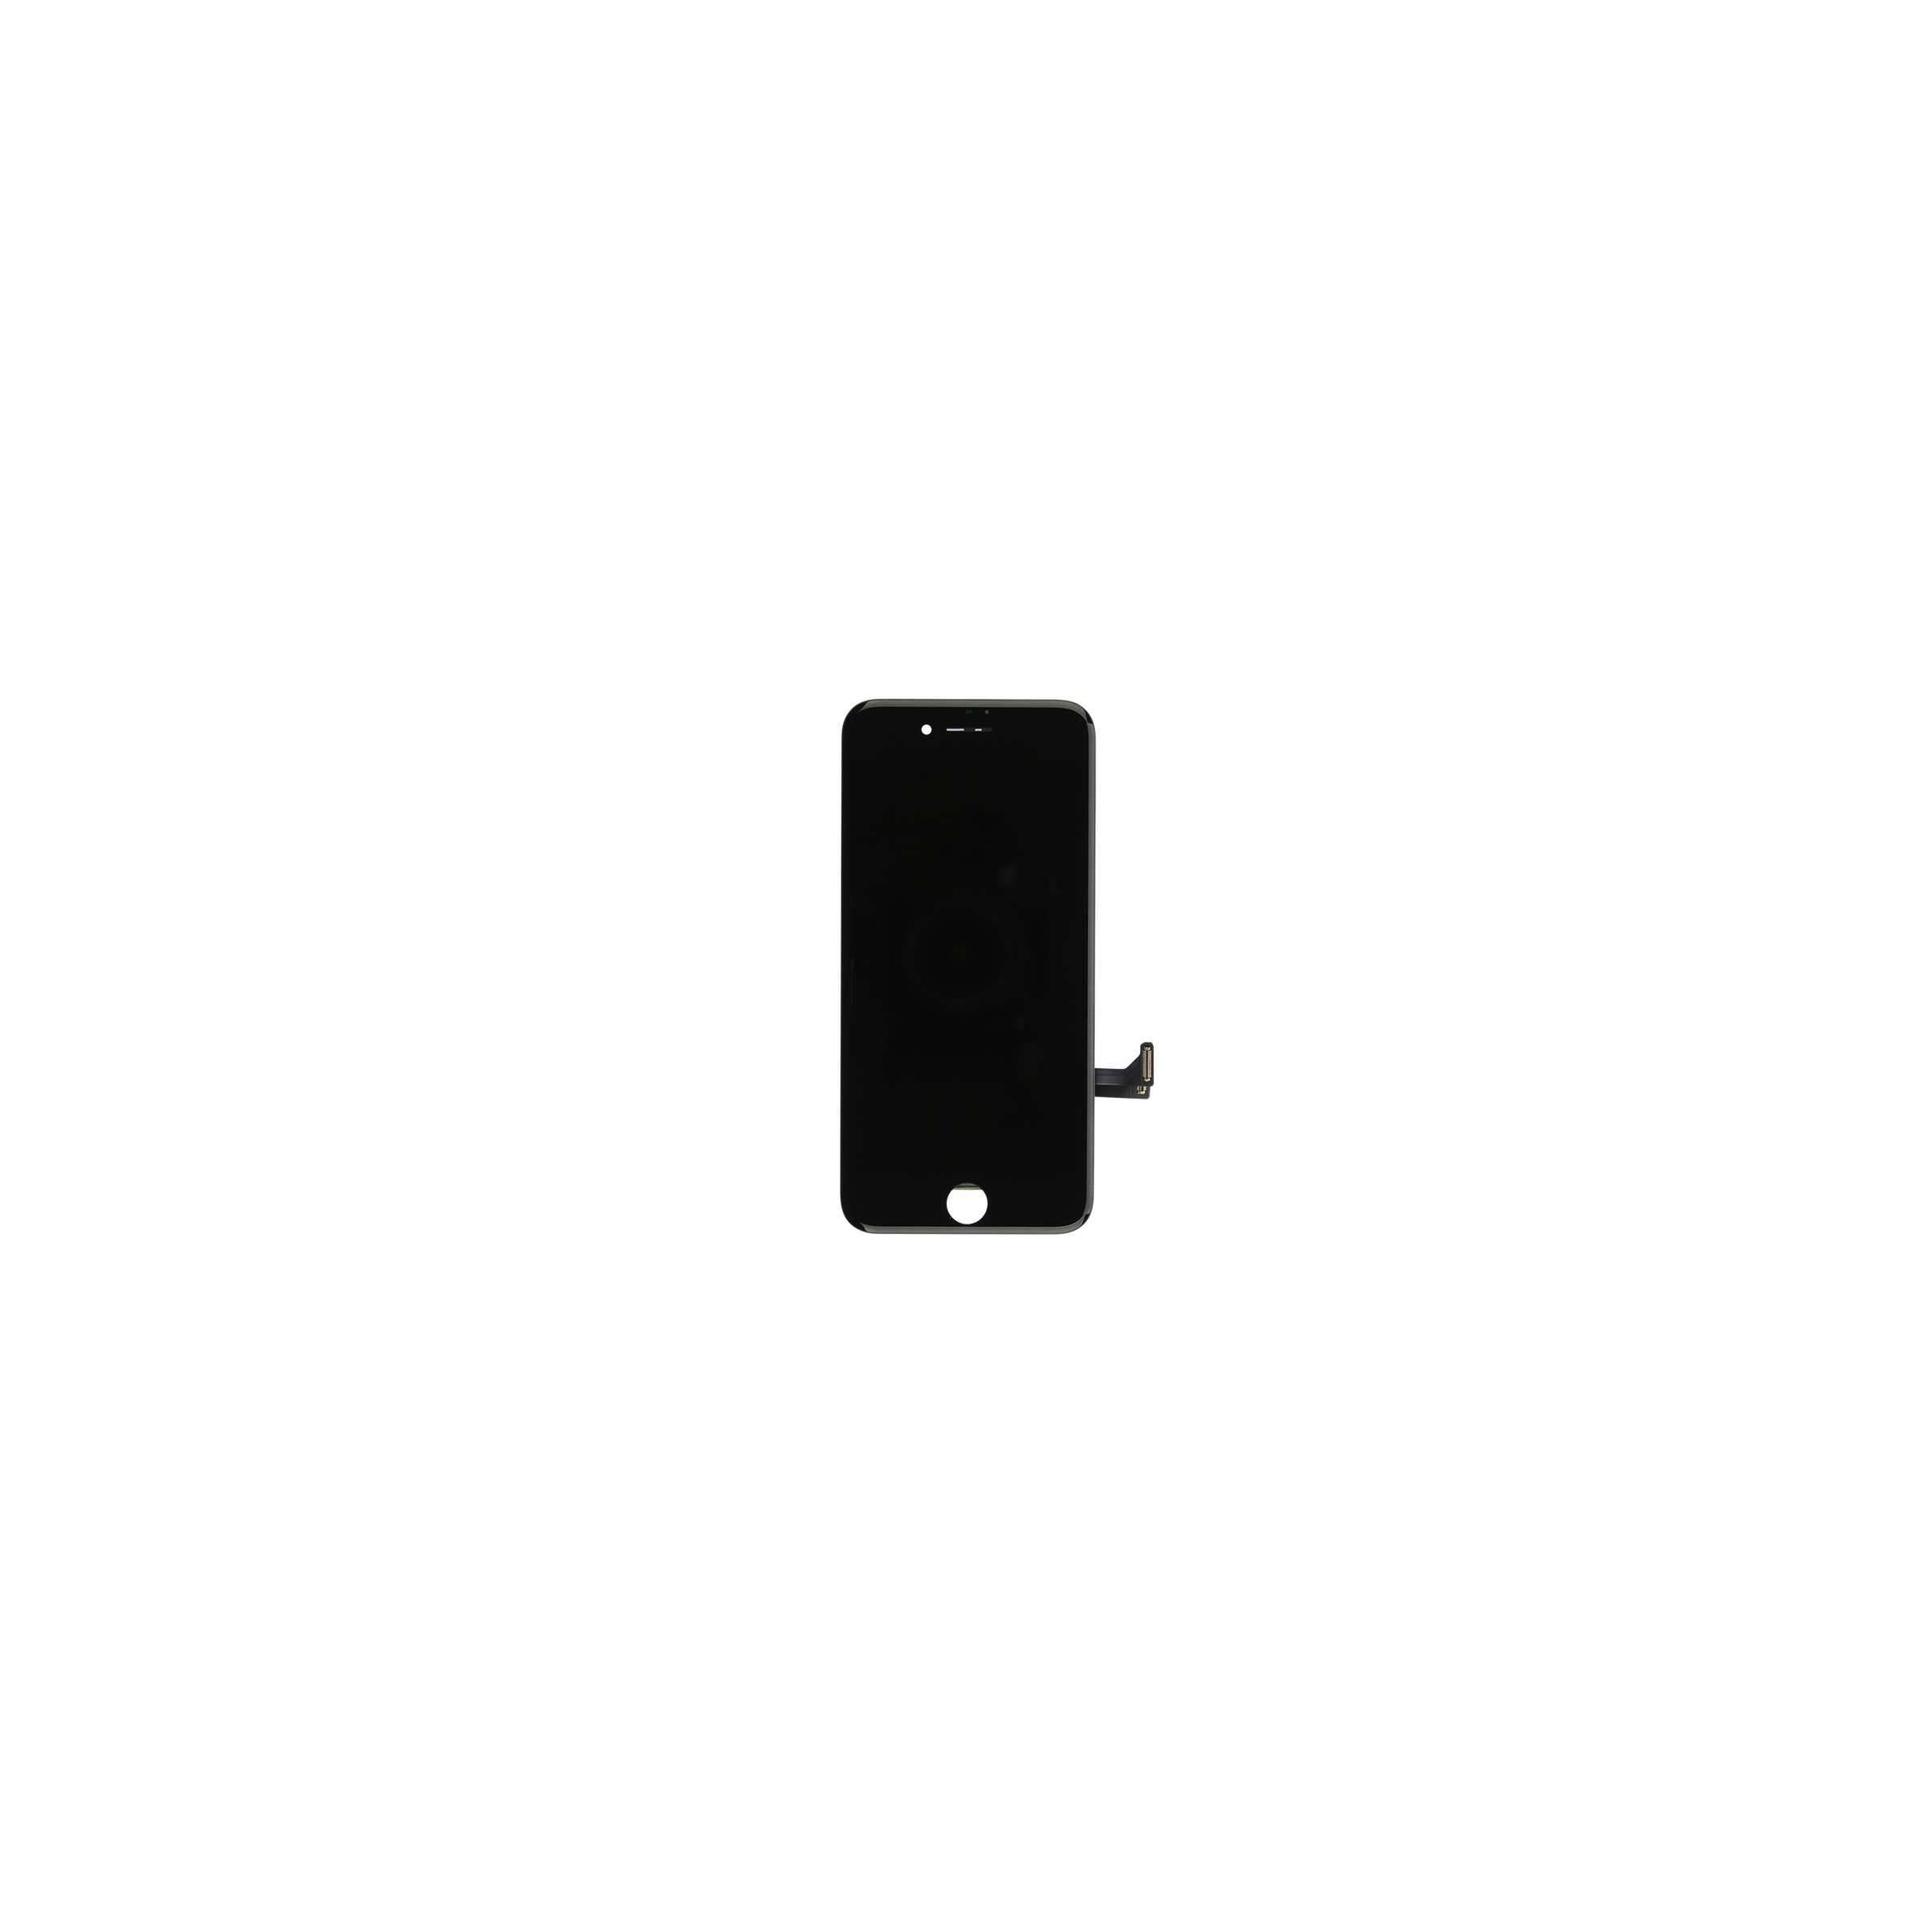 Iphone 8 plus skærm i høj kvalitet farve sort fra sinox på mackabler.dk